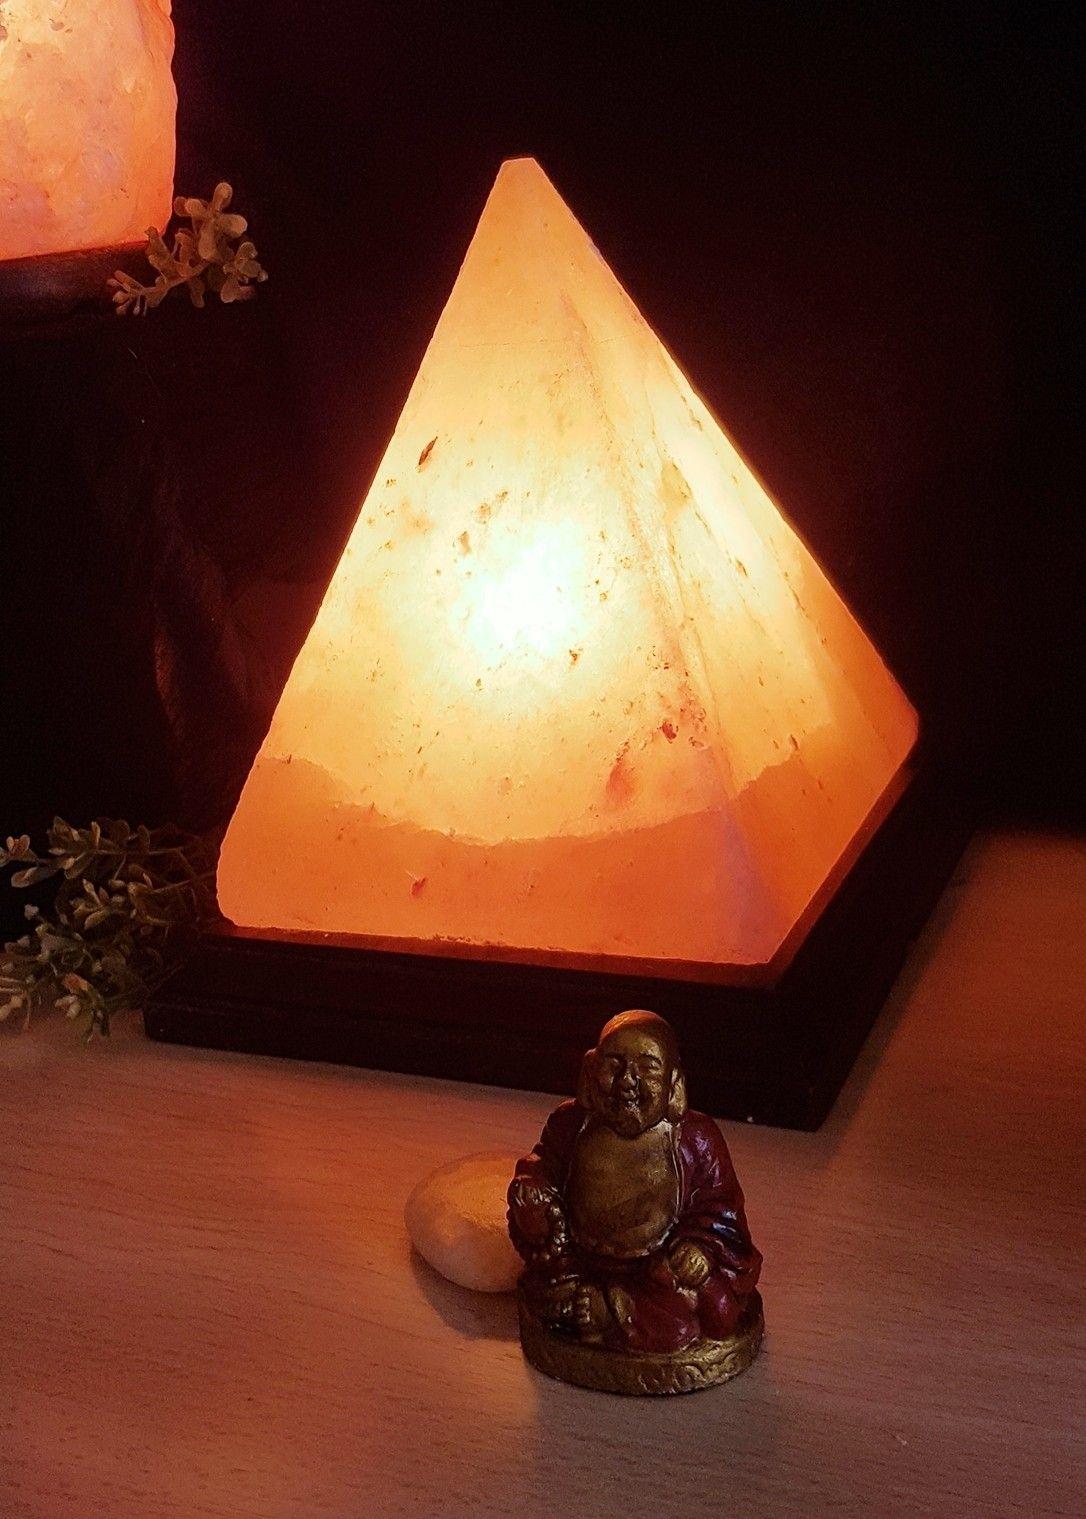 Lampara De Sal Piramide En 2020 Lampara De Sal Lampara De Sal Del Himalaya Lampara